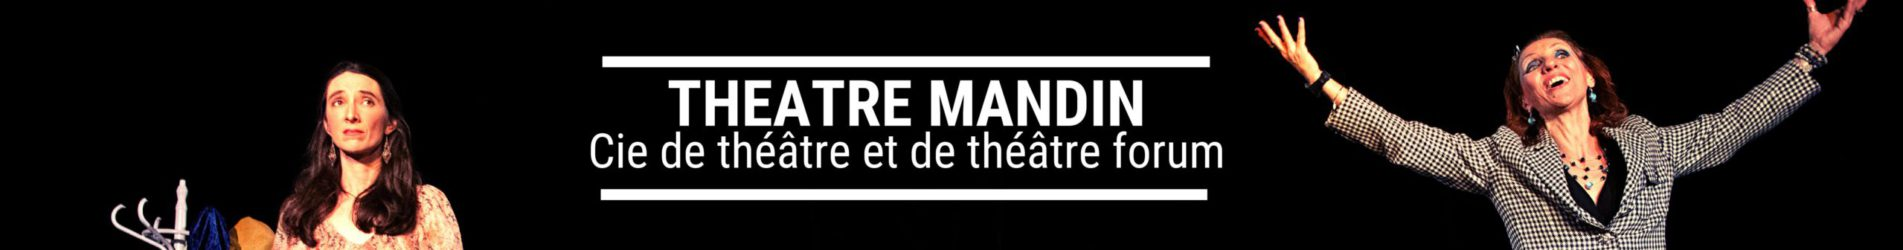 Théâtre Mandin